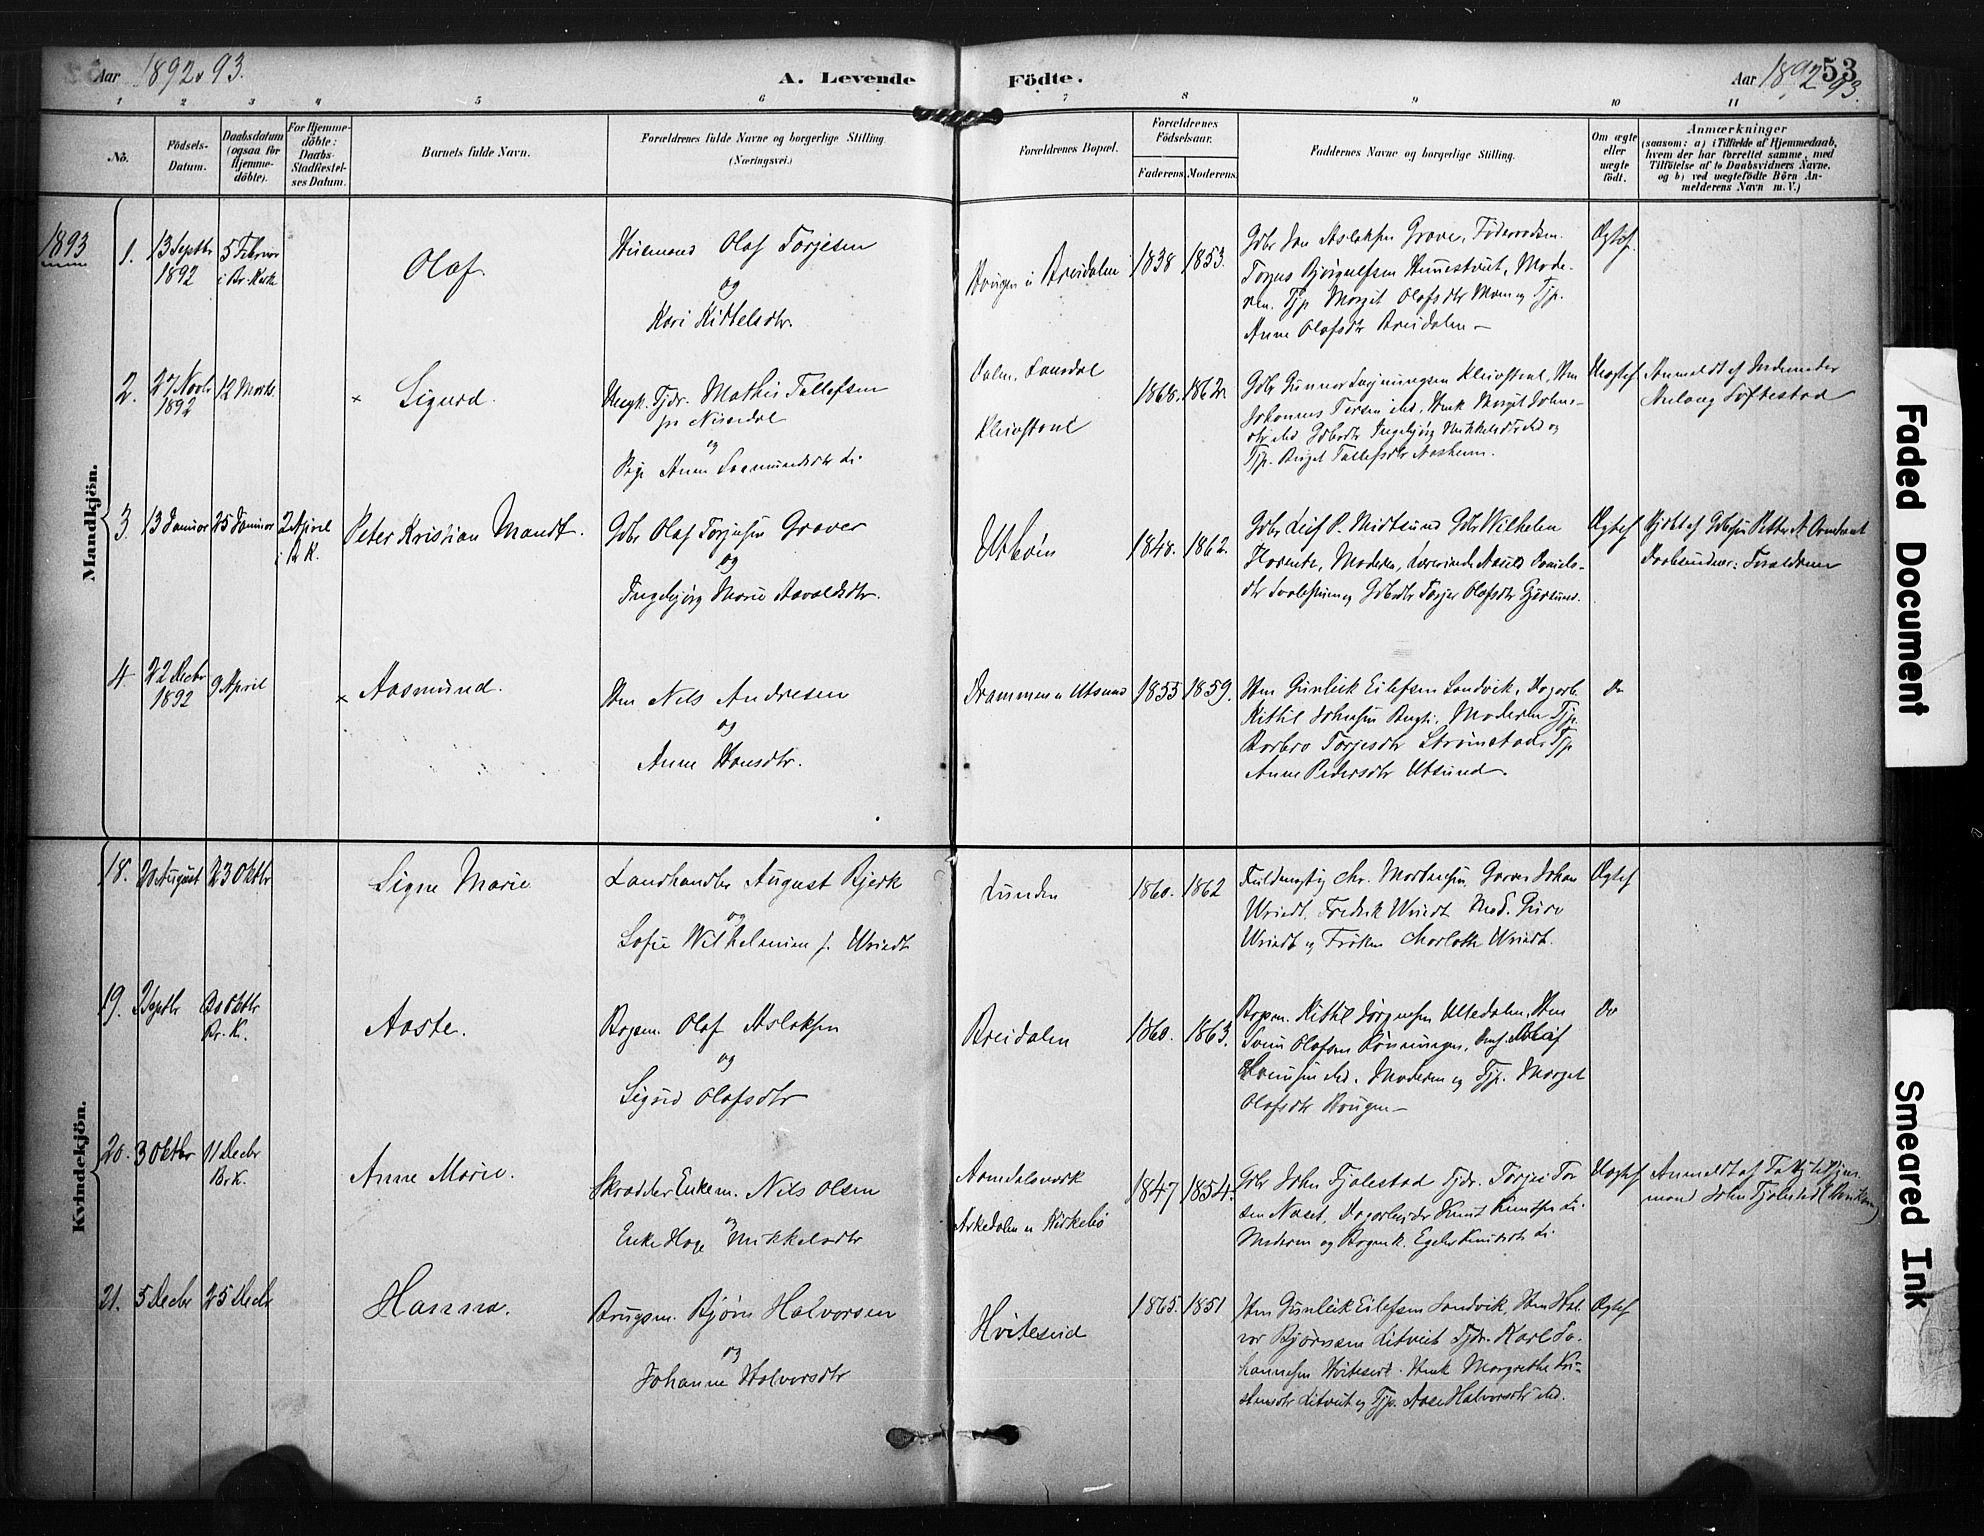 SAKO, Kviteseid kirkebøker, F/Fa/L0008: Ministerialbok nr. I 8, 1882-1903, s. 53